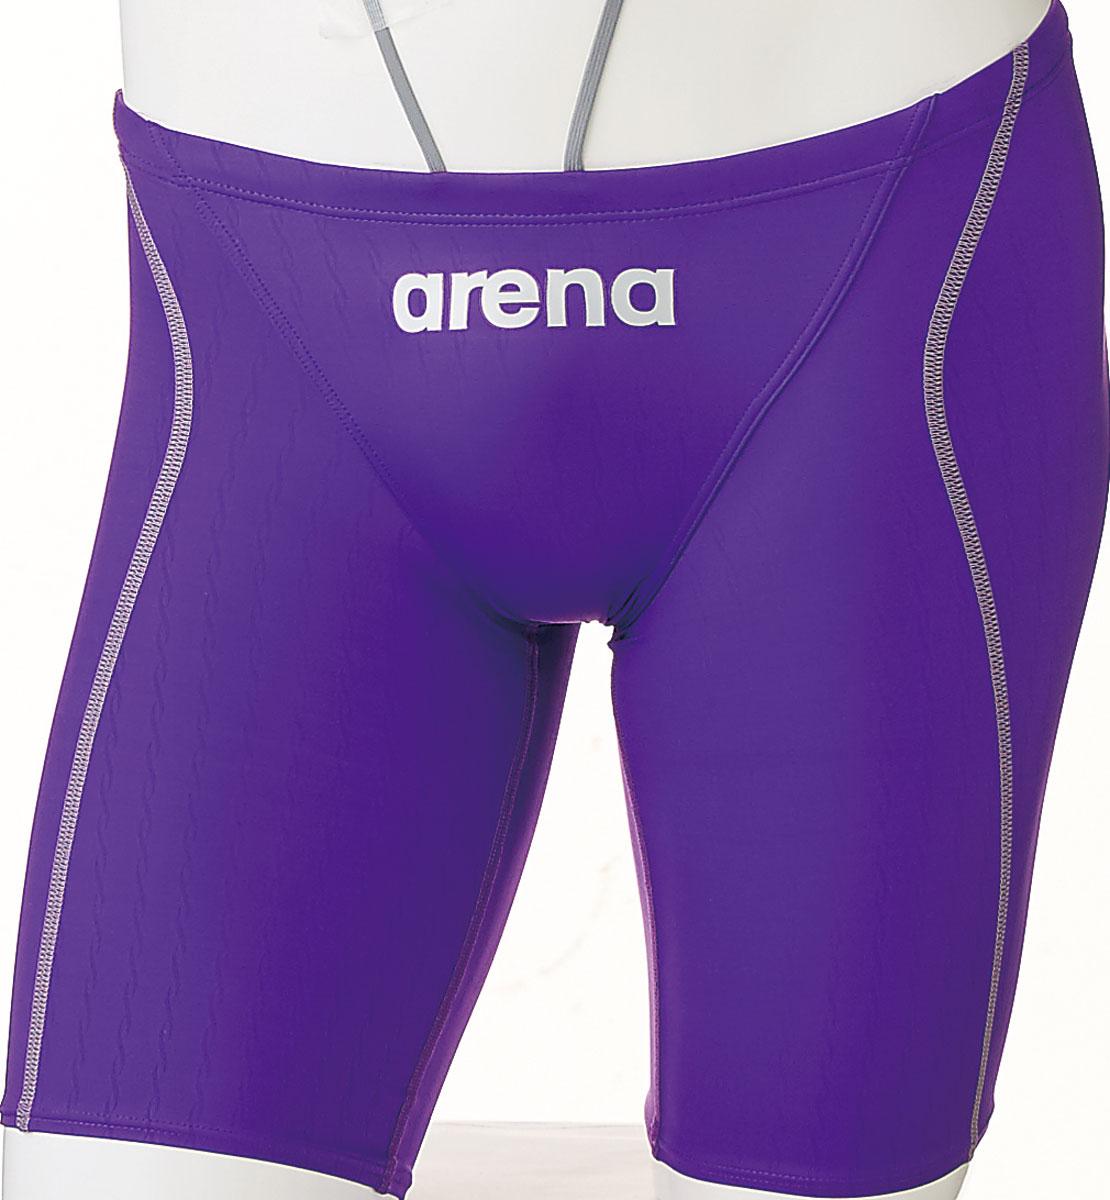 【メール便OK】【2017S1モデル】ARENA(アリーナ)ARN-7022MJジュニアボーイズハーフスパッツ競泳水着